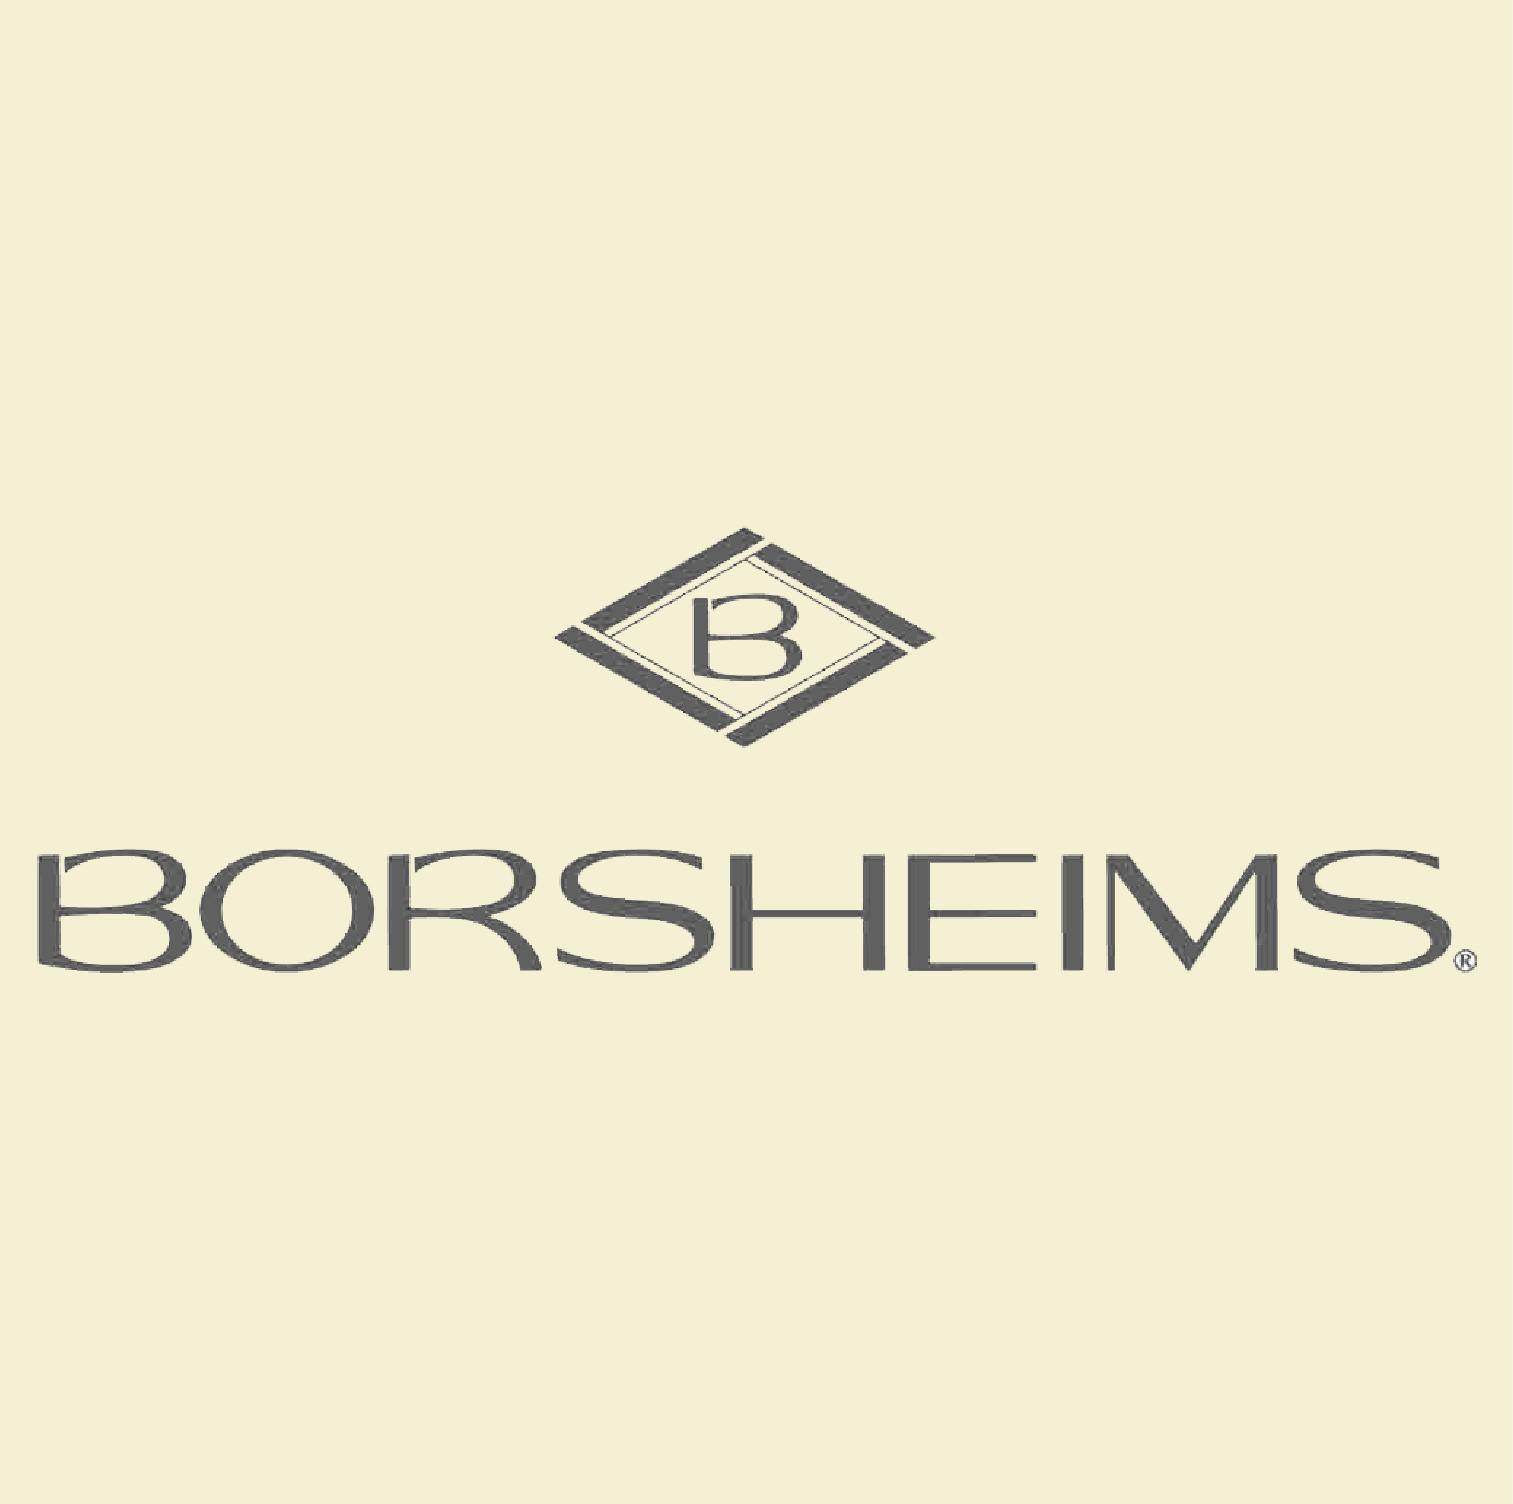 Borsheims